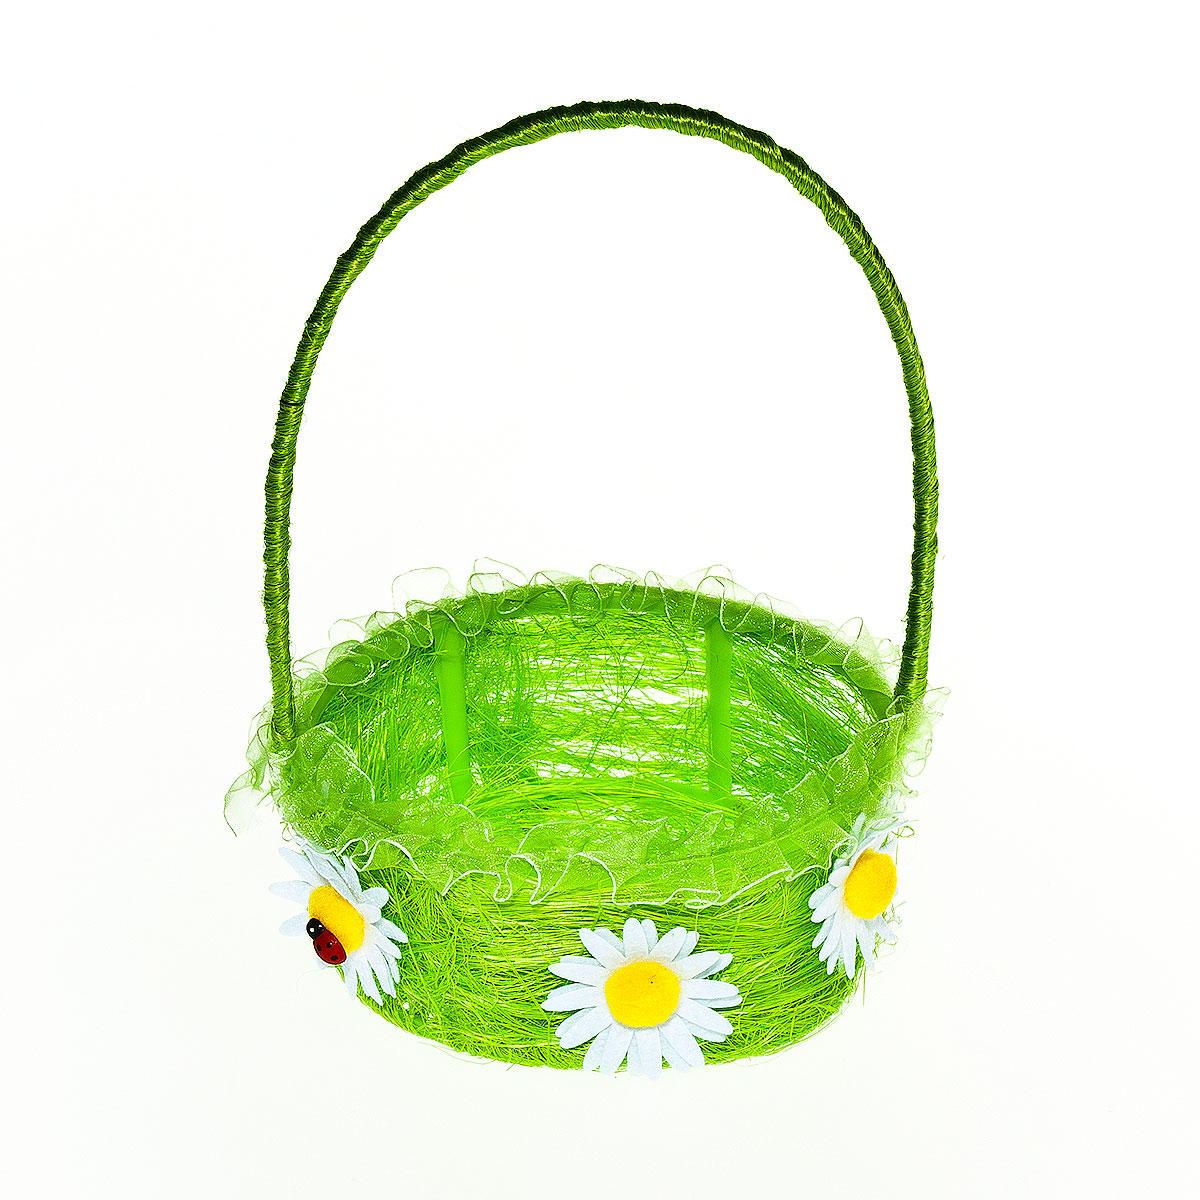 Корзина декоративная Home Queen Цветы, цвет: зеленый, 15,5 см х 14,5 см х 6,5 см64337_ зеленыйДекоративная корзина Home Queen Цветы предназначена для хранения различных мелочей и аксессуаров. Изделие изготовлено из сизаля и пластика. Корзина оснащена удобной ручкой и декорирована аппликацией в виде цветов.Такая корзина станет оригинальным и необычным подарком или украшением интерьера. Размер корзины: 15,5 см х 14,5 см х 6,5 см.Диаметр дна: 13 см.Высота ручки: 14 см.